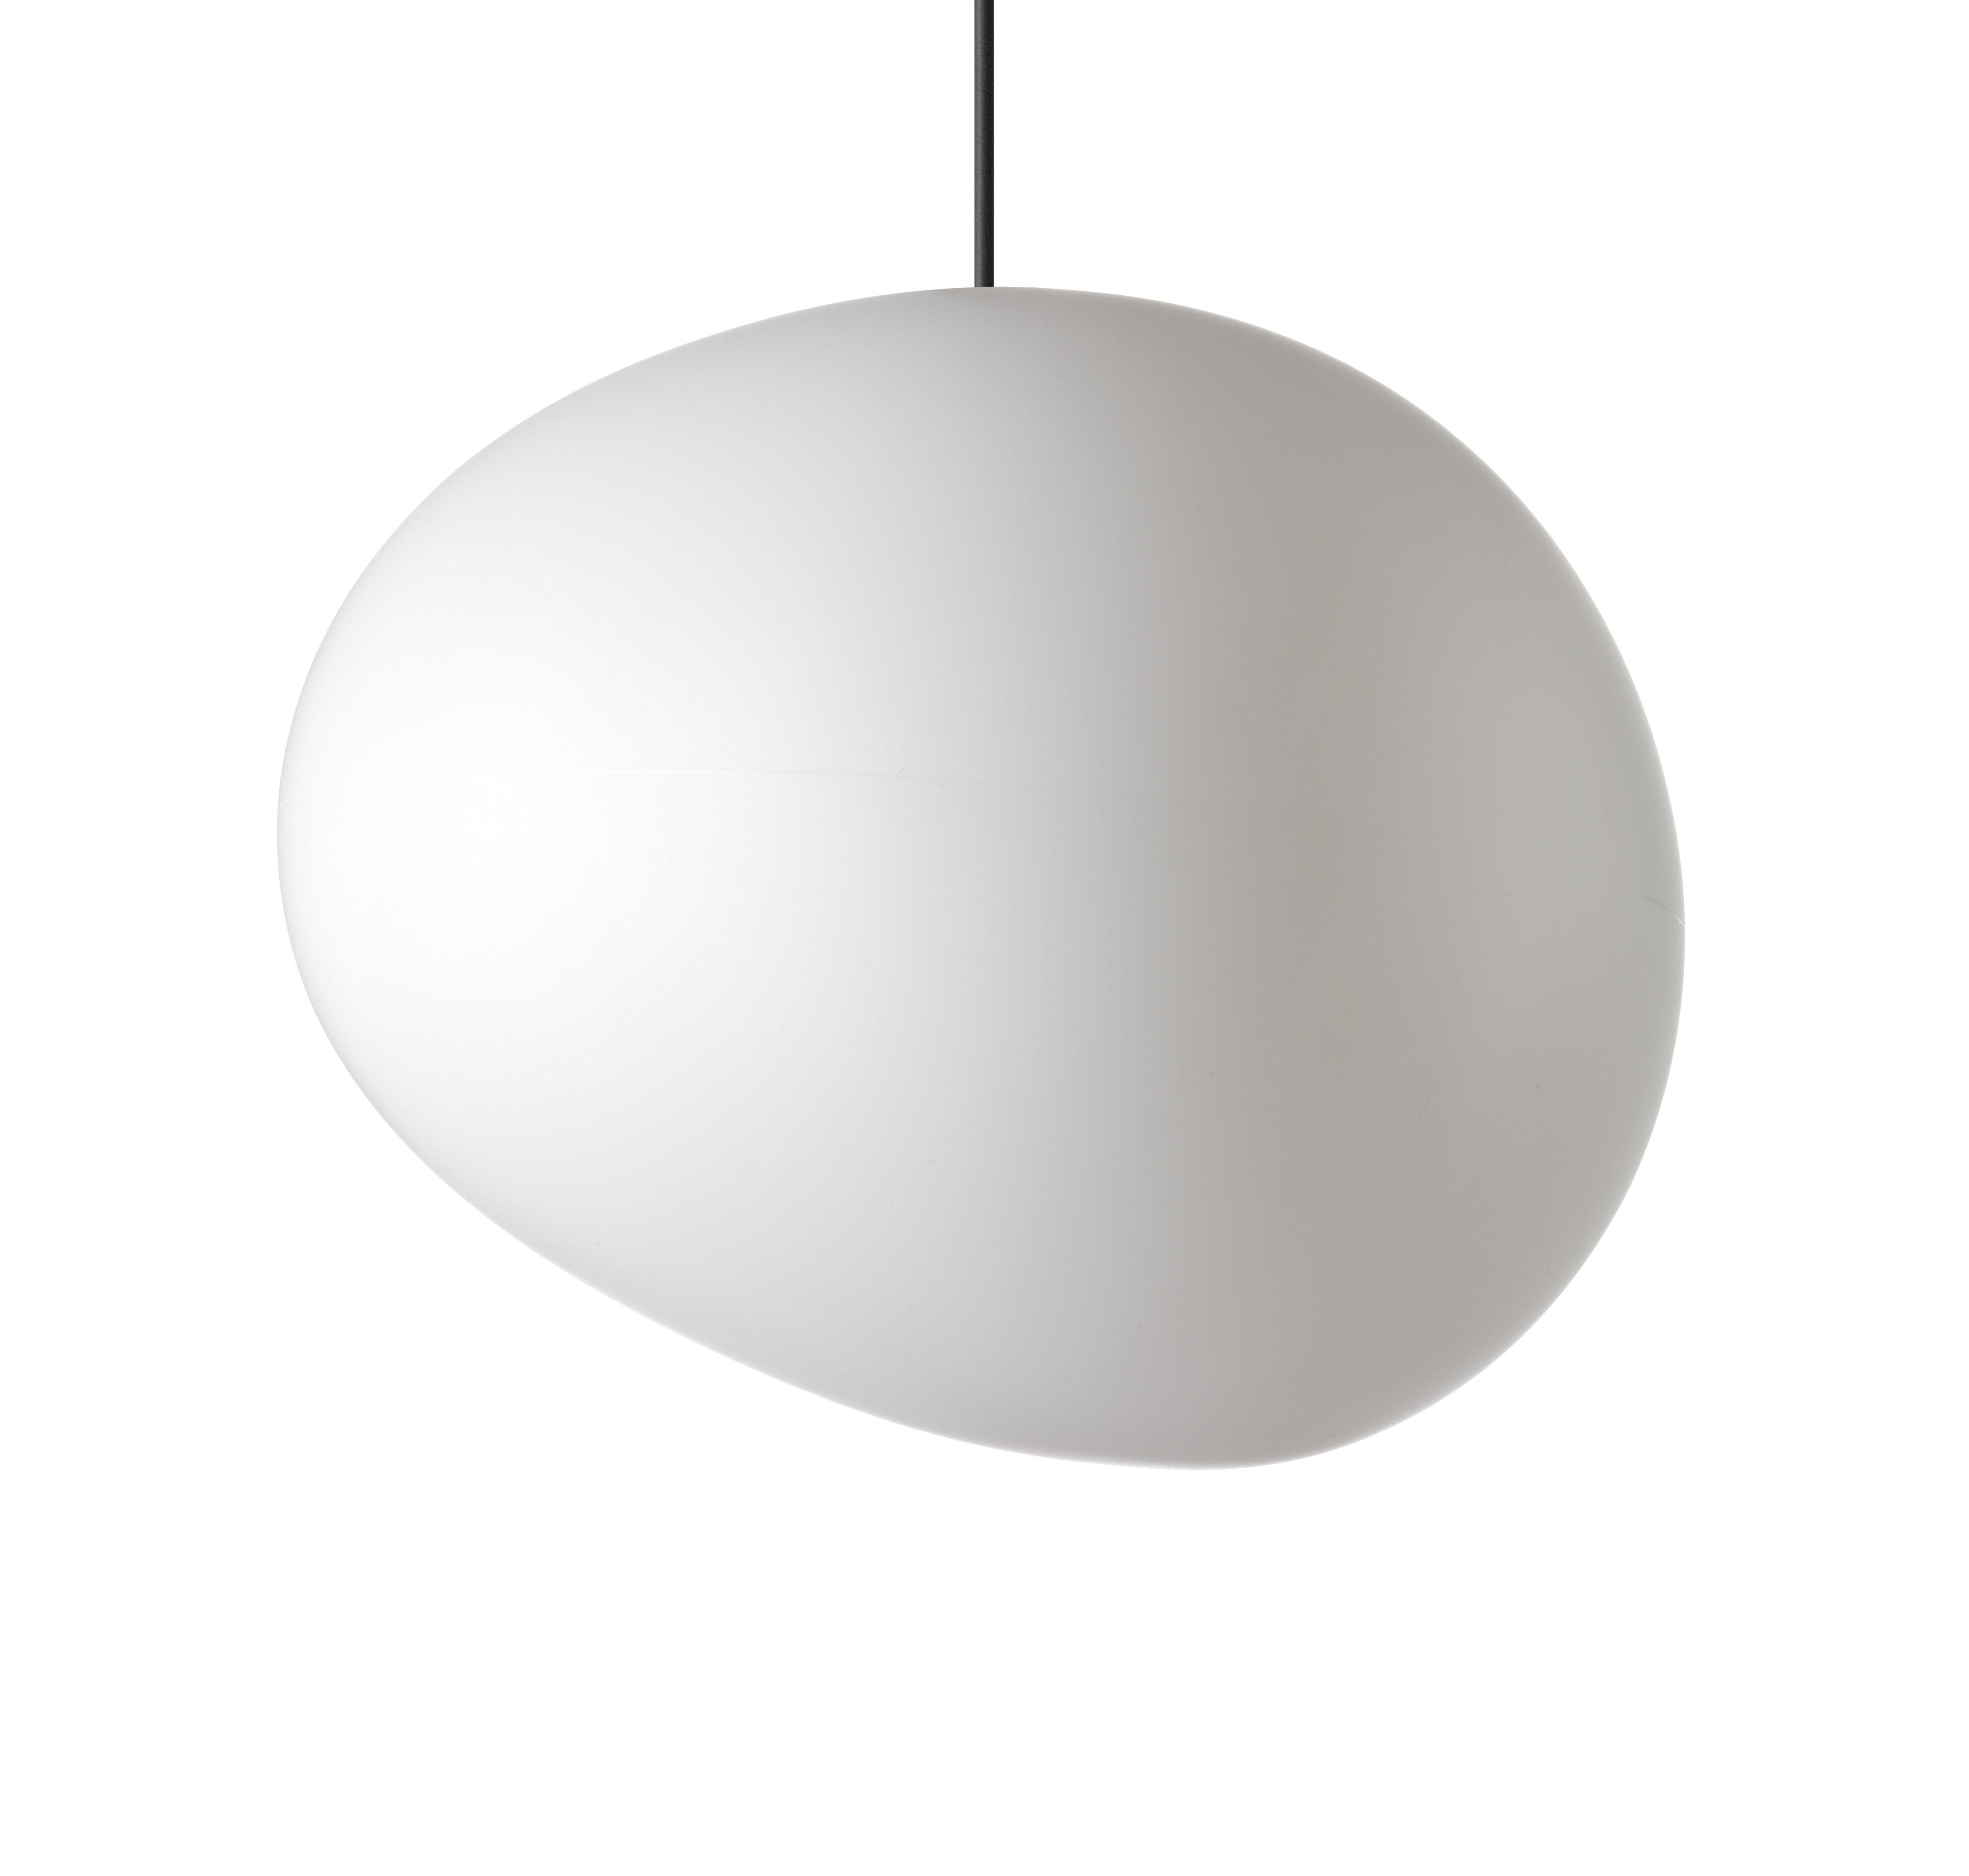 Leuchten - Pendelleuchten - Gregg Outdoor Grande Pendelleuchte / L 46 cm - Foscarini - Weiß - Größe L / L 46 cm - Polyäthylen